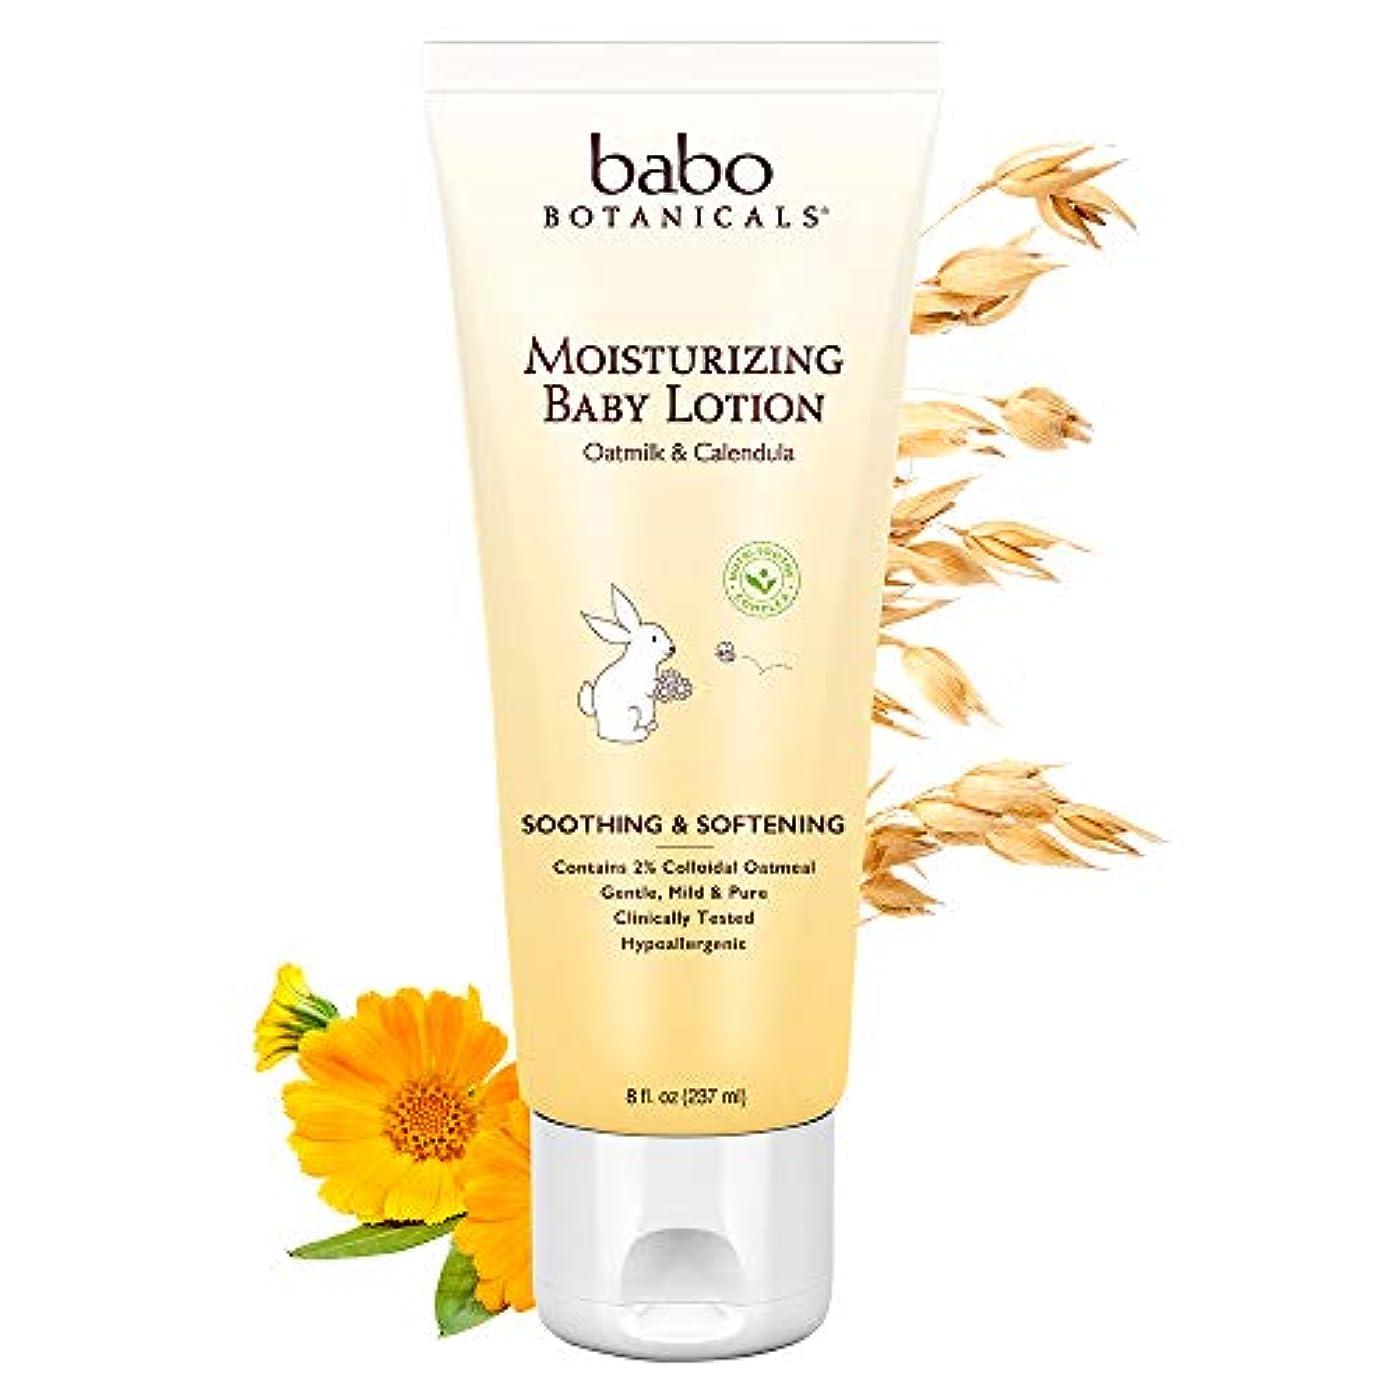 先のことを考える階下マーチャンダイザーBabo Botanicals Oatmilkカレンデュラ保湿ベビーローション、 - スージング敏感肌のためのベストのベビーローション。アトピー性皮膚炎を和らげるのに役立ちます。ナチュラルオーツとオーガニックカレンデュラ...